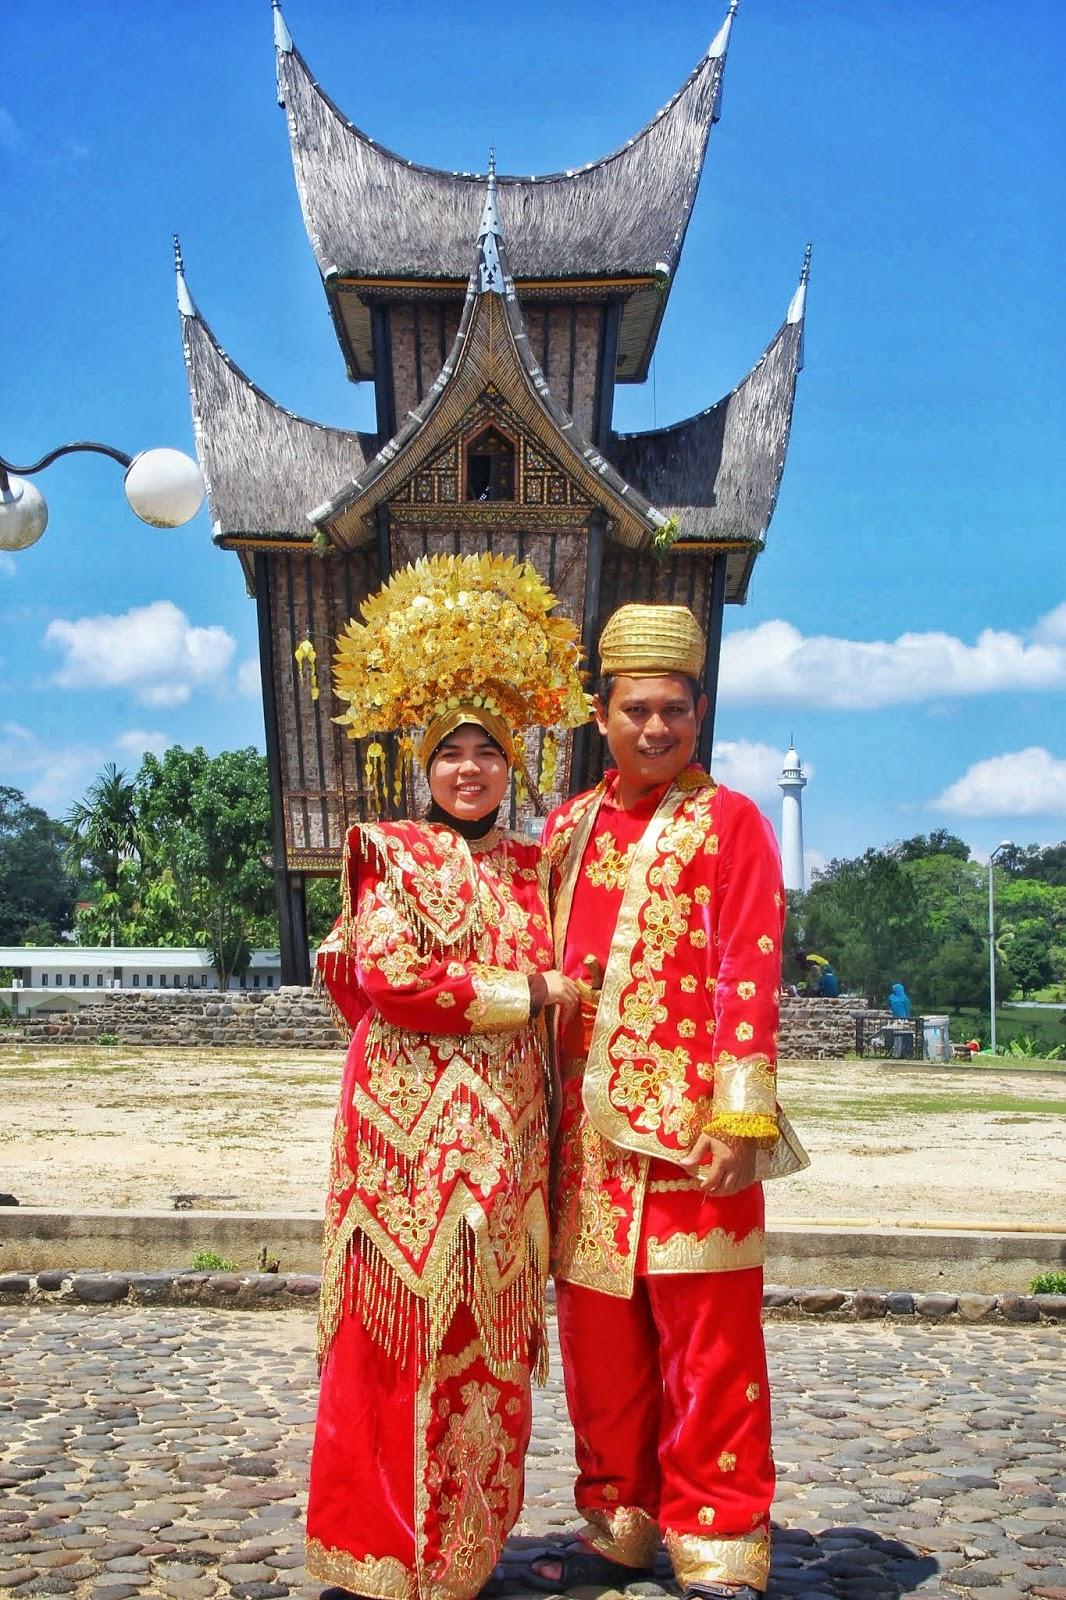 Pasangan Bahagia Bergaya Dengan Pakaian Tradisional Melayu Minang Di Istana Pagar Ruyong